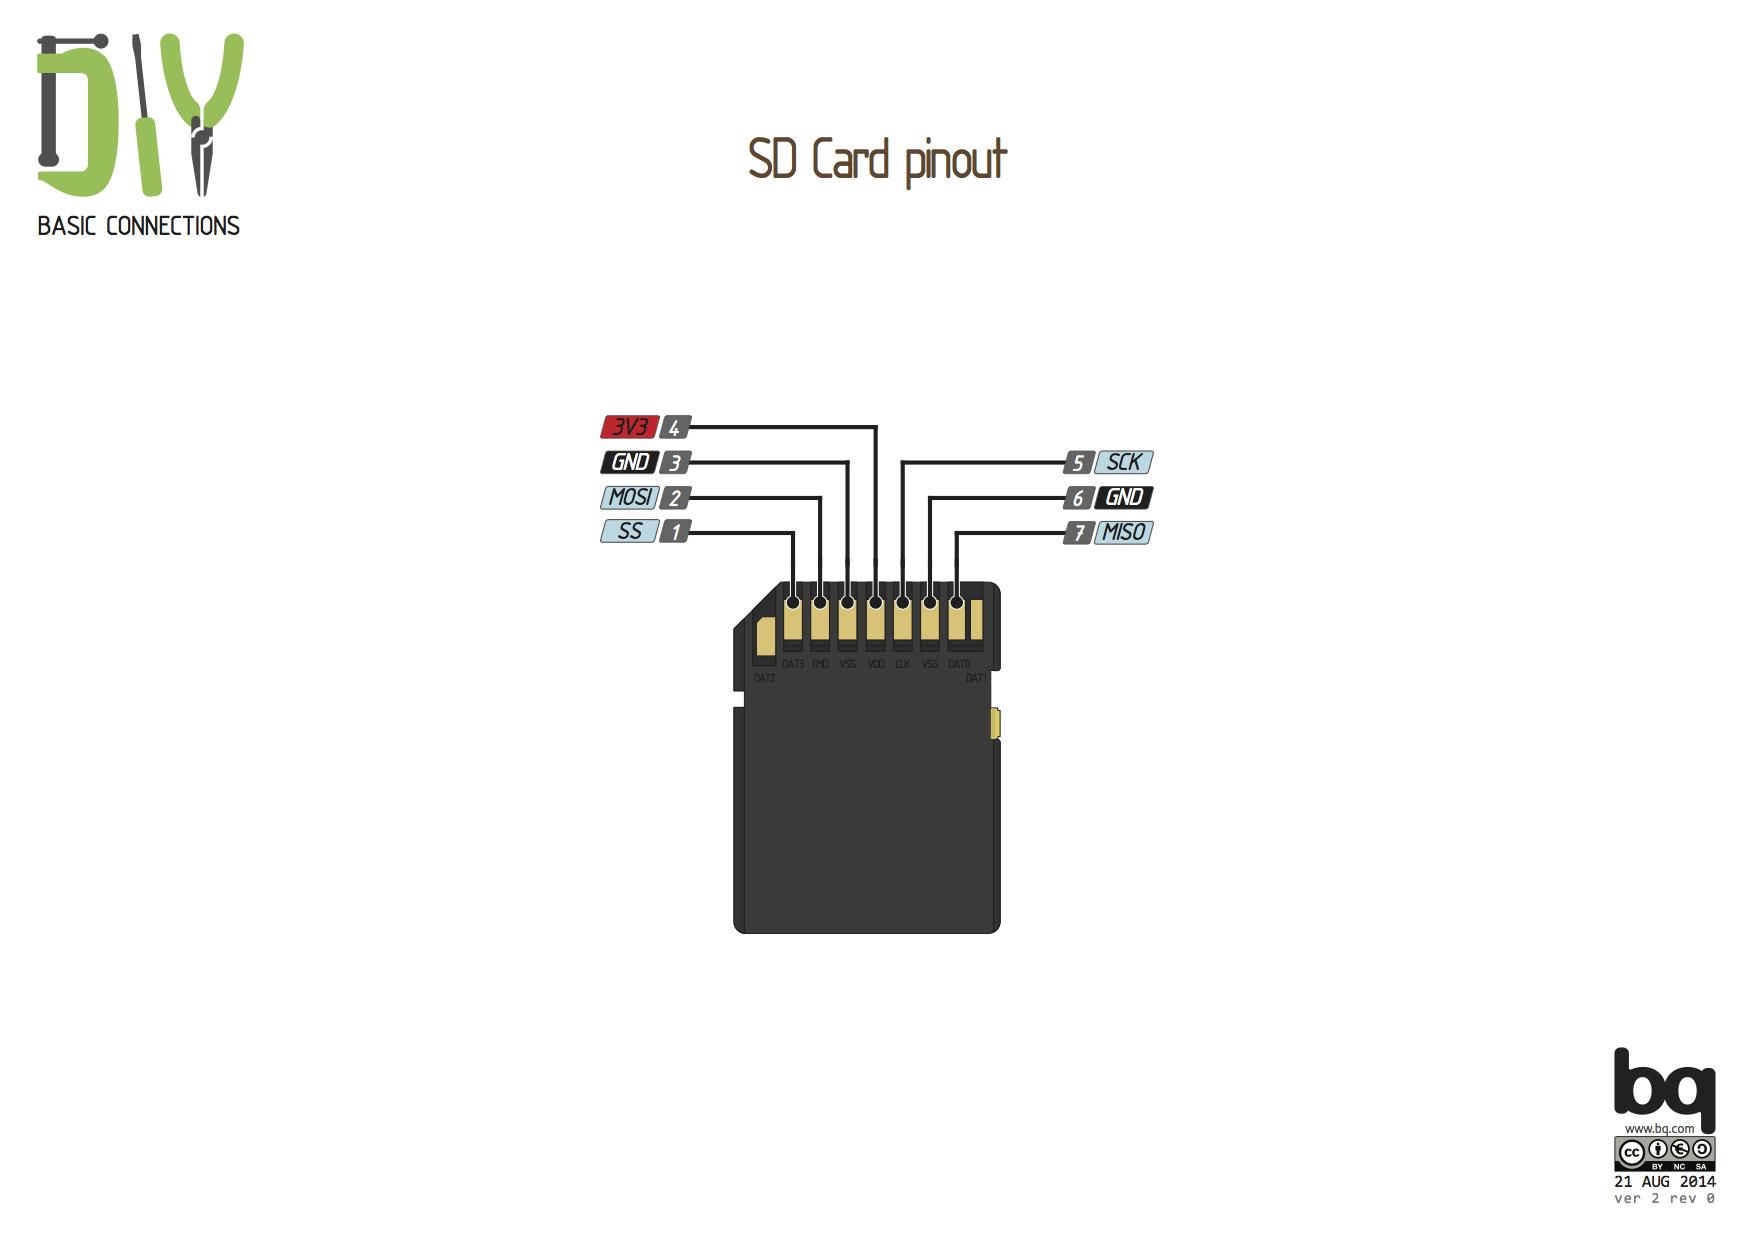 pighixxx \u2013 sd card pinout arduino arduino, connection, sd cardpighixxx \u2013 sd card pinout sd card, arduino, circuits, connection, raspberry,